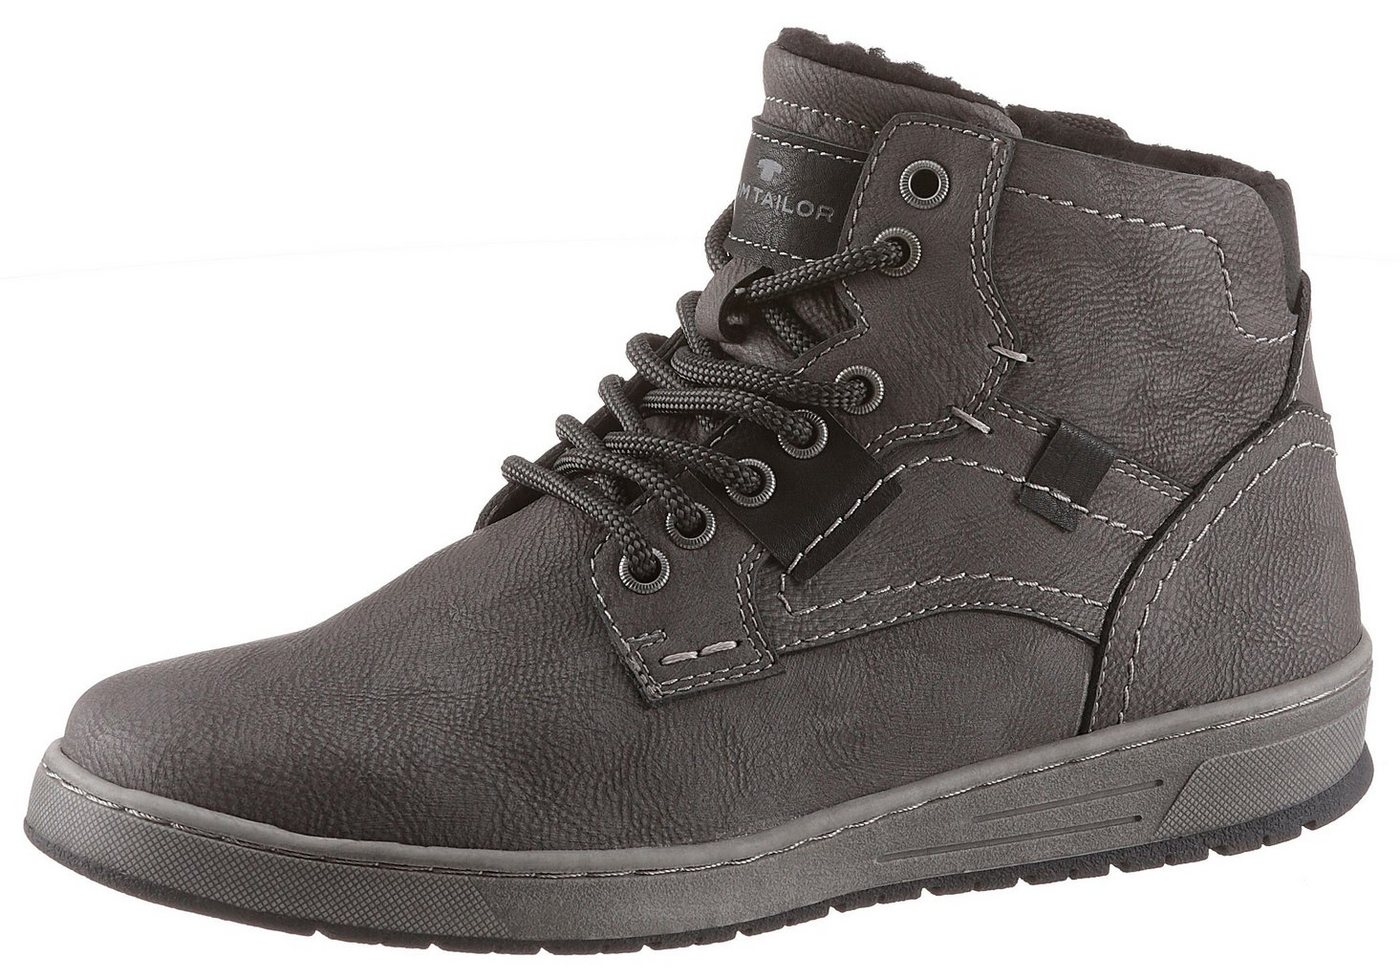 Herren TOM TAILOR Sneaker mit Warmfutter blau, braun, grau, schwarz | 04058219969430